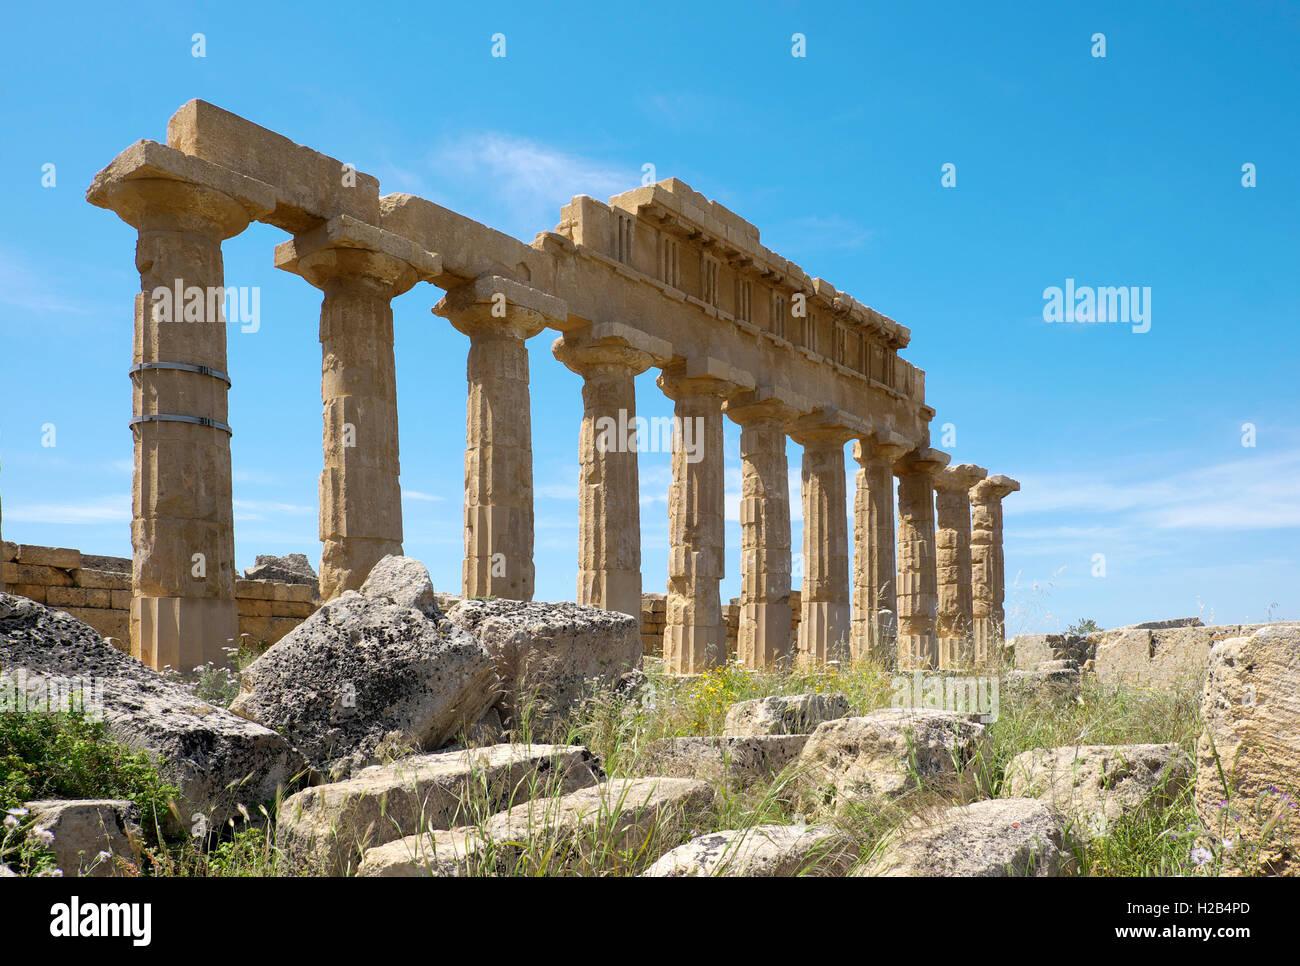 Antiguo templo griego C, la Acrópolis, el Parque Arqueológico de Selinunte, Selinunte, en Sicilia, Italia Imagen De Stock